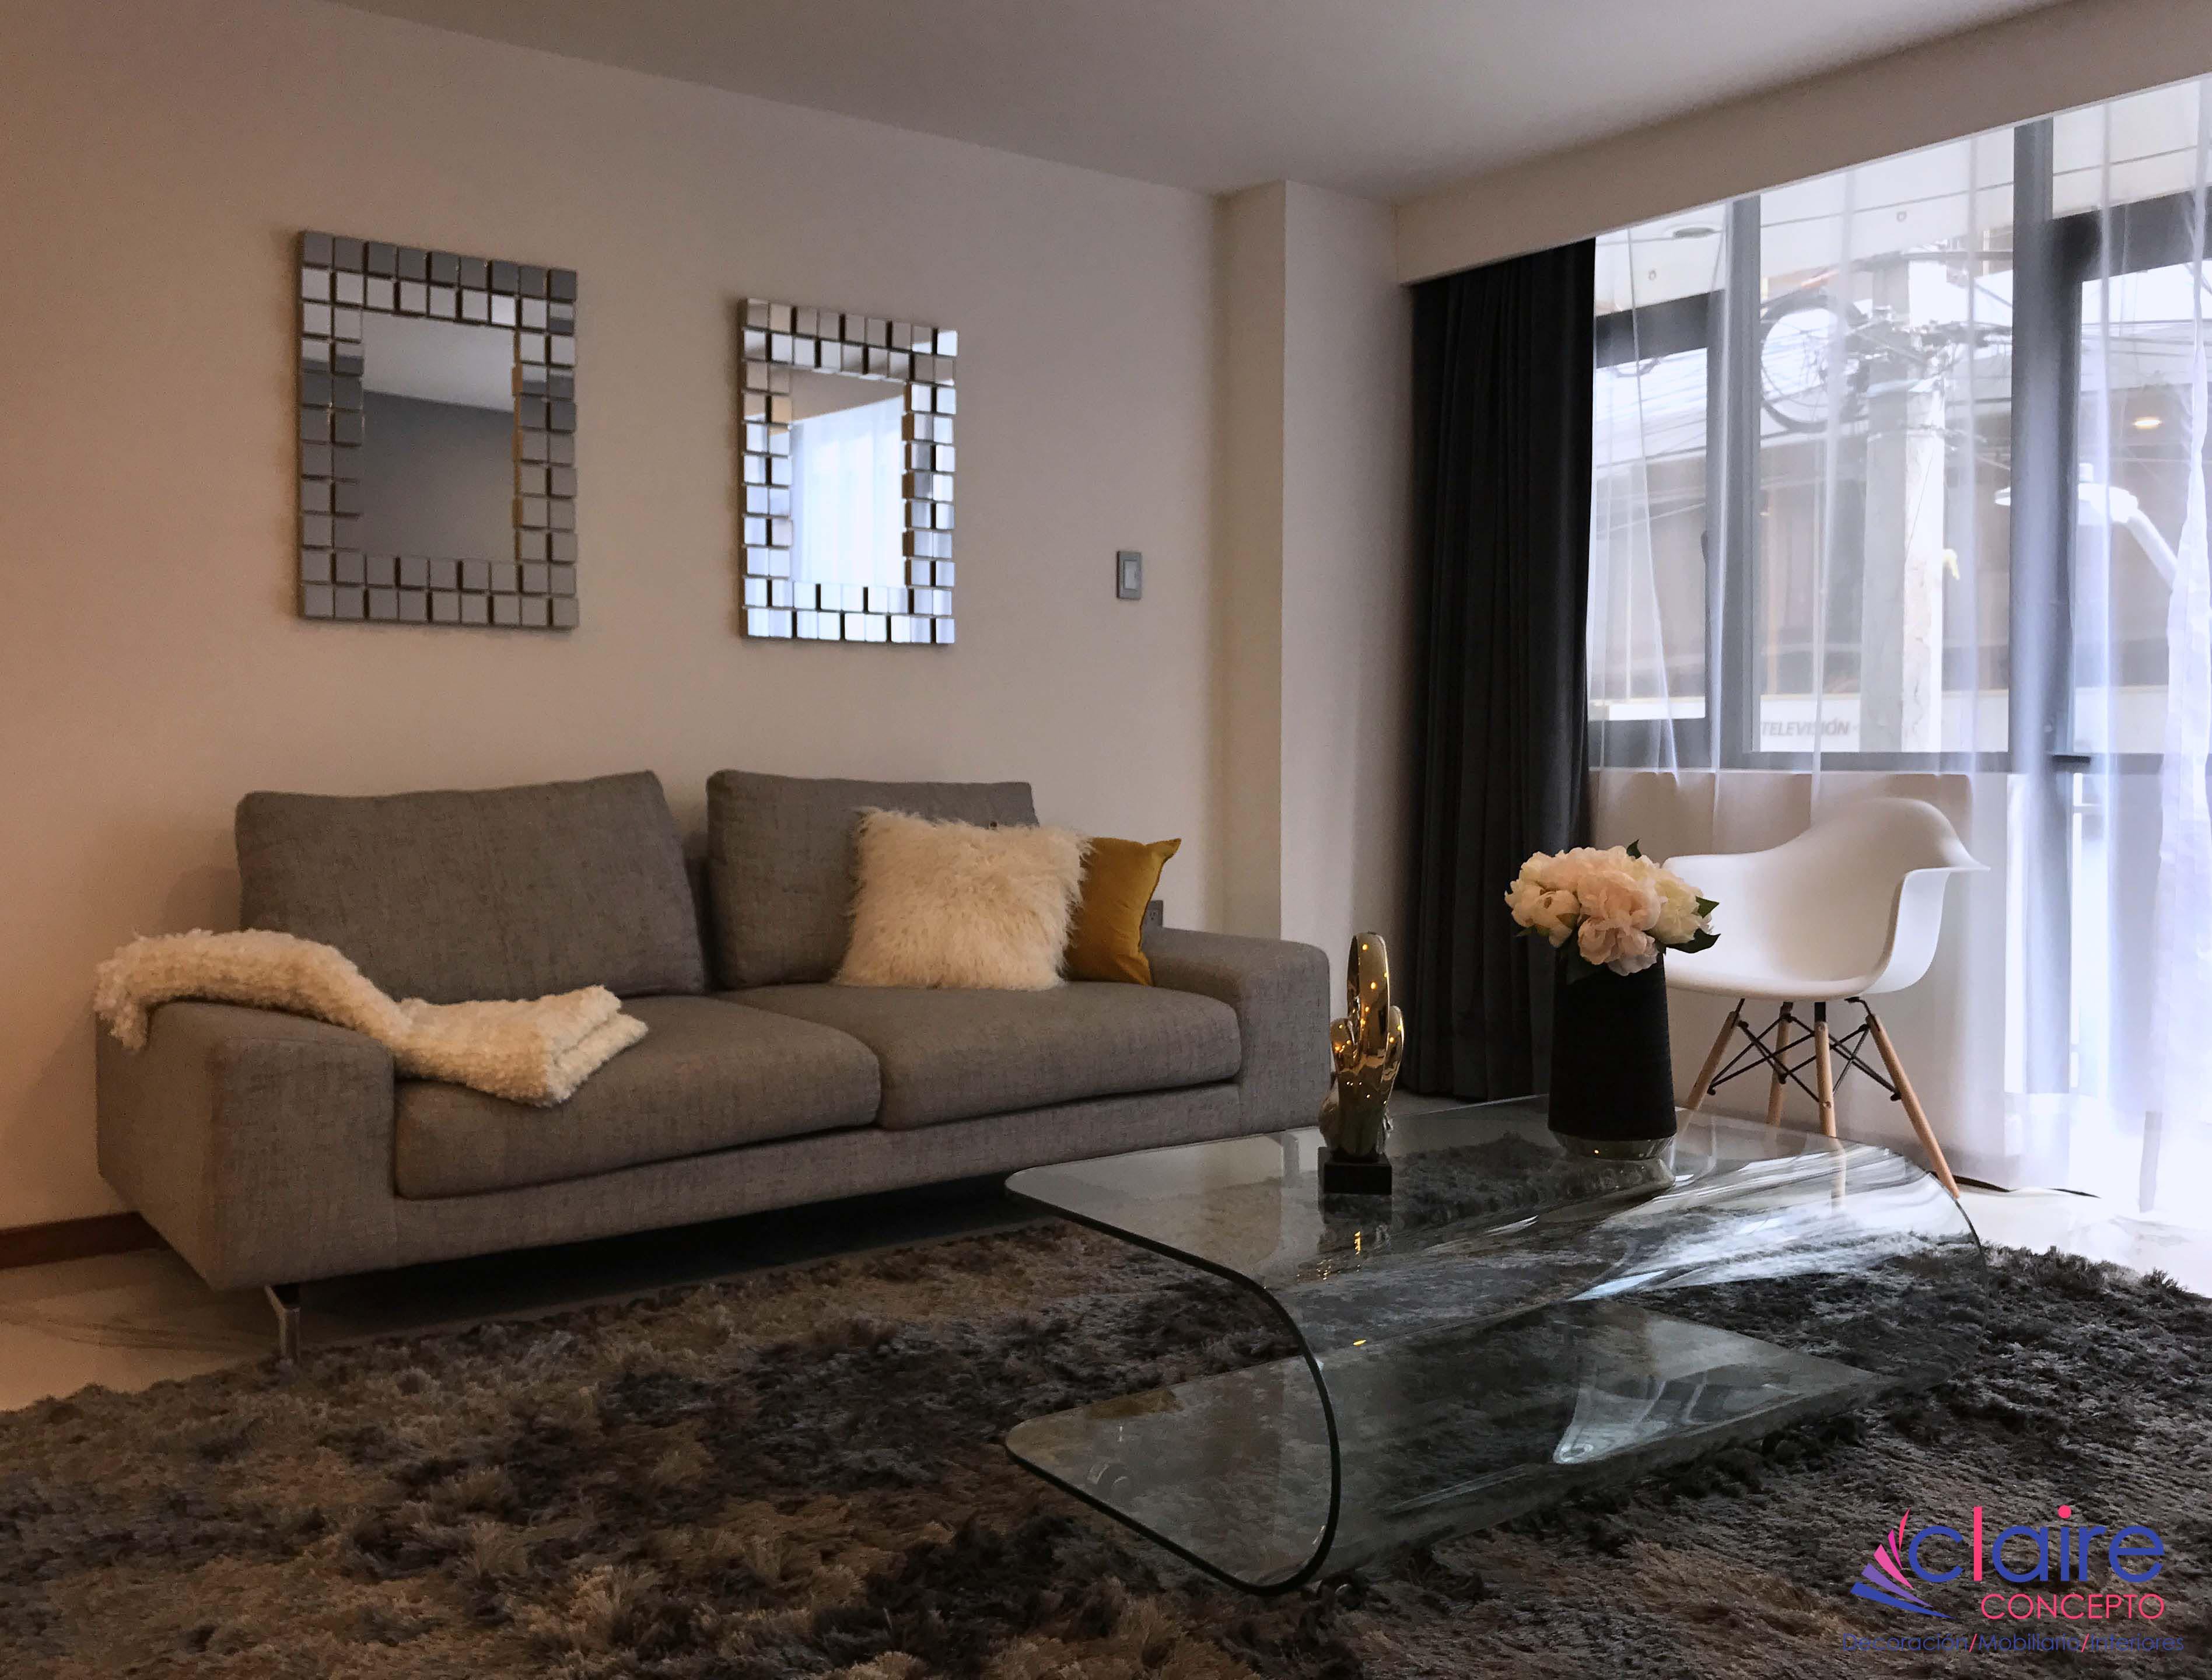 Remodelaciones y dise o de interiores m xico df for App decoracion interiores